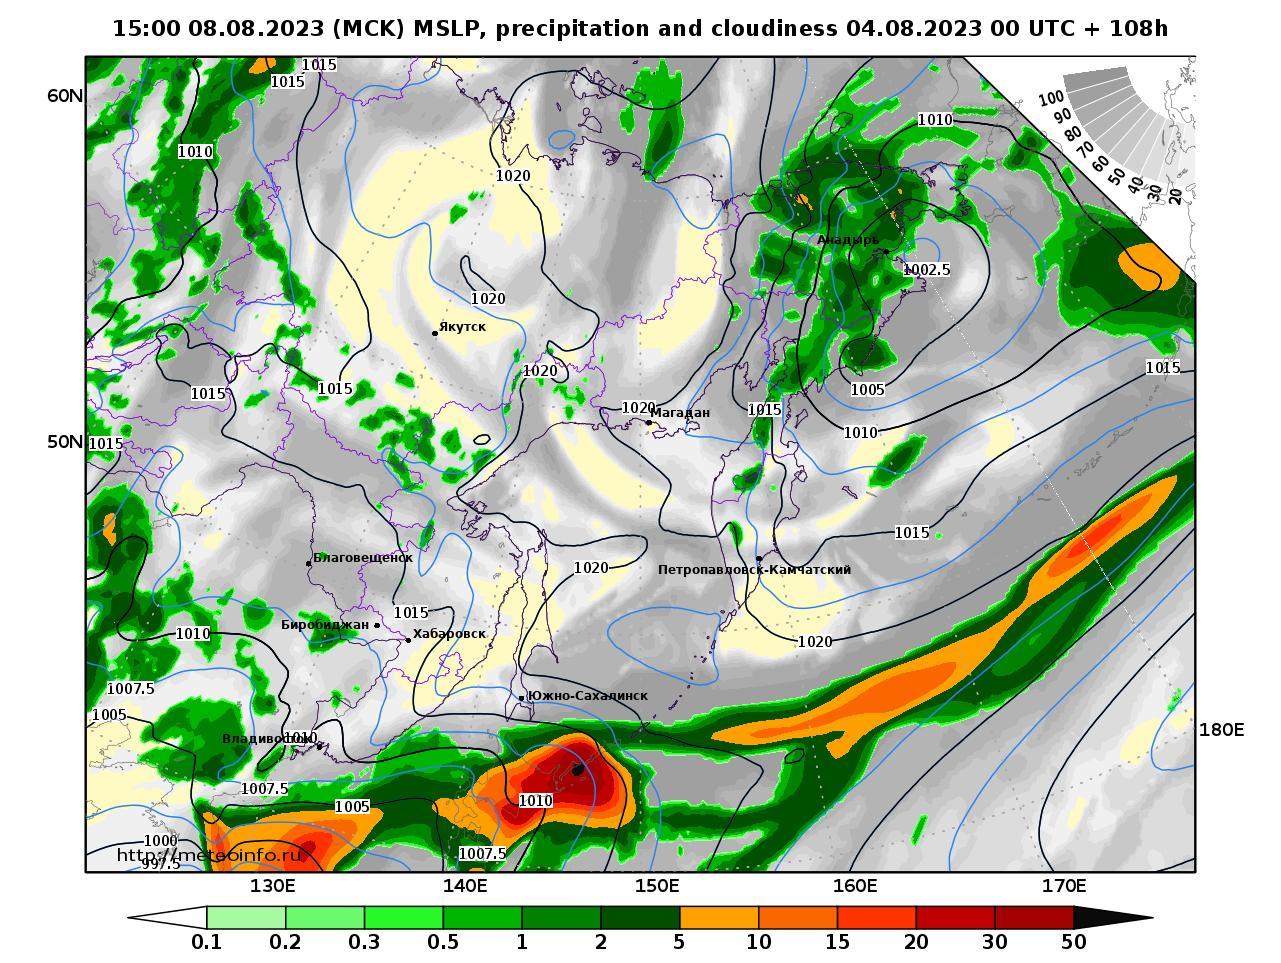 Дальний Восток, прогностическая карта осадки и давление, заблаговременность прогноза 108 часов